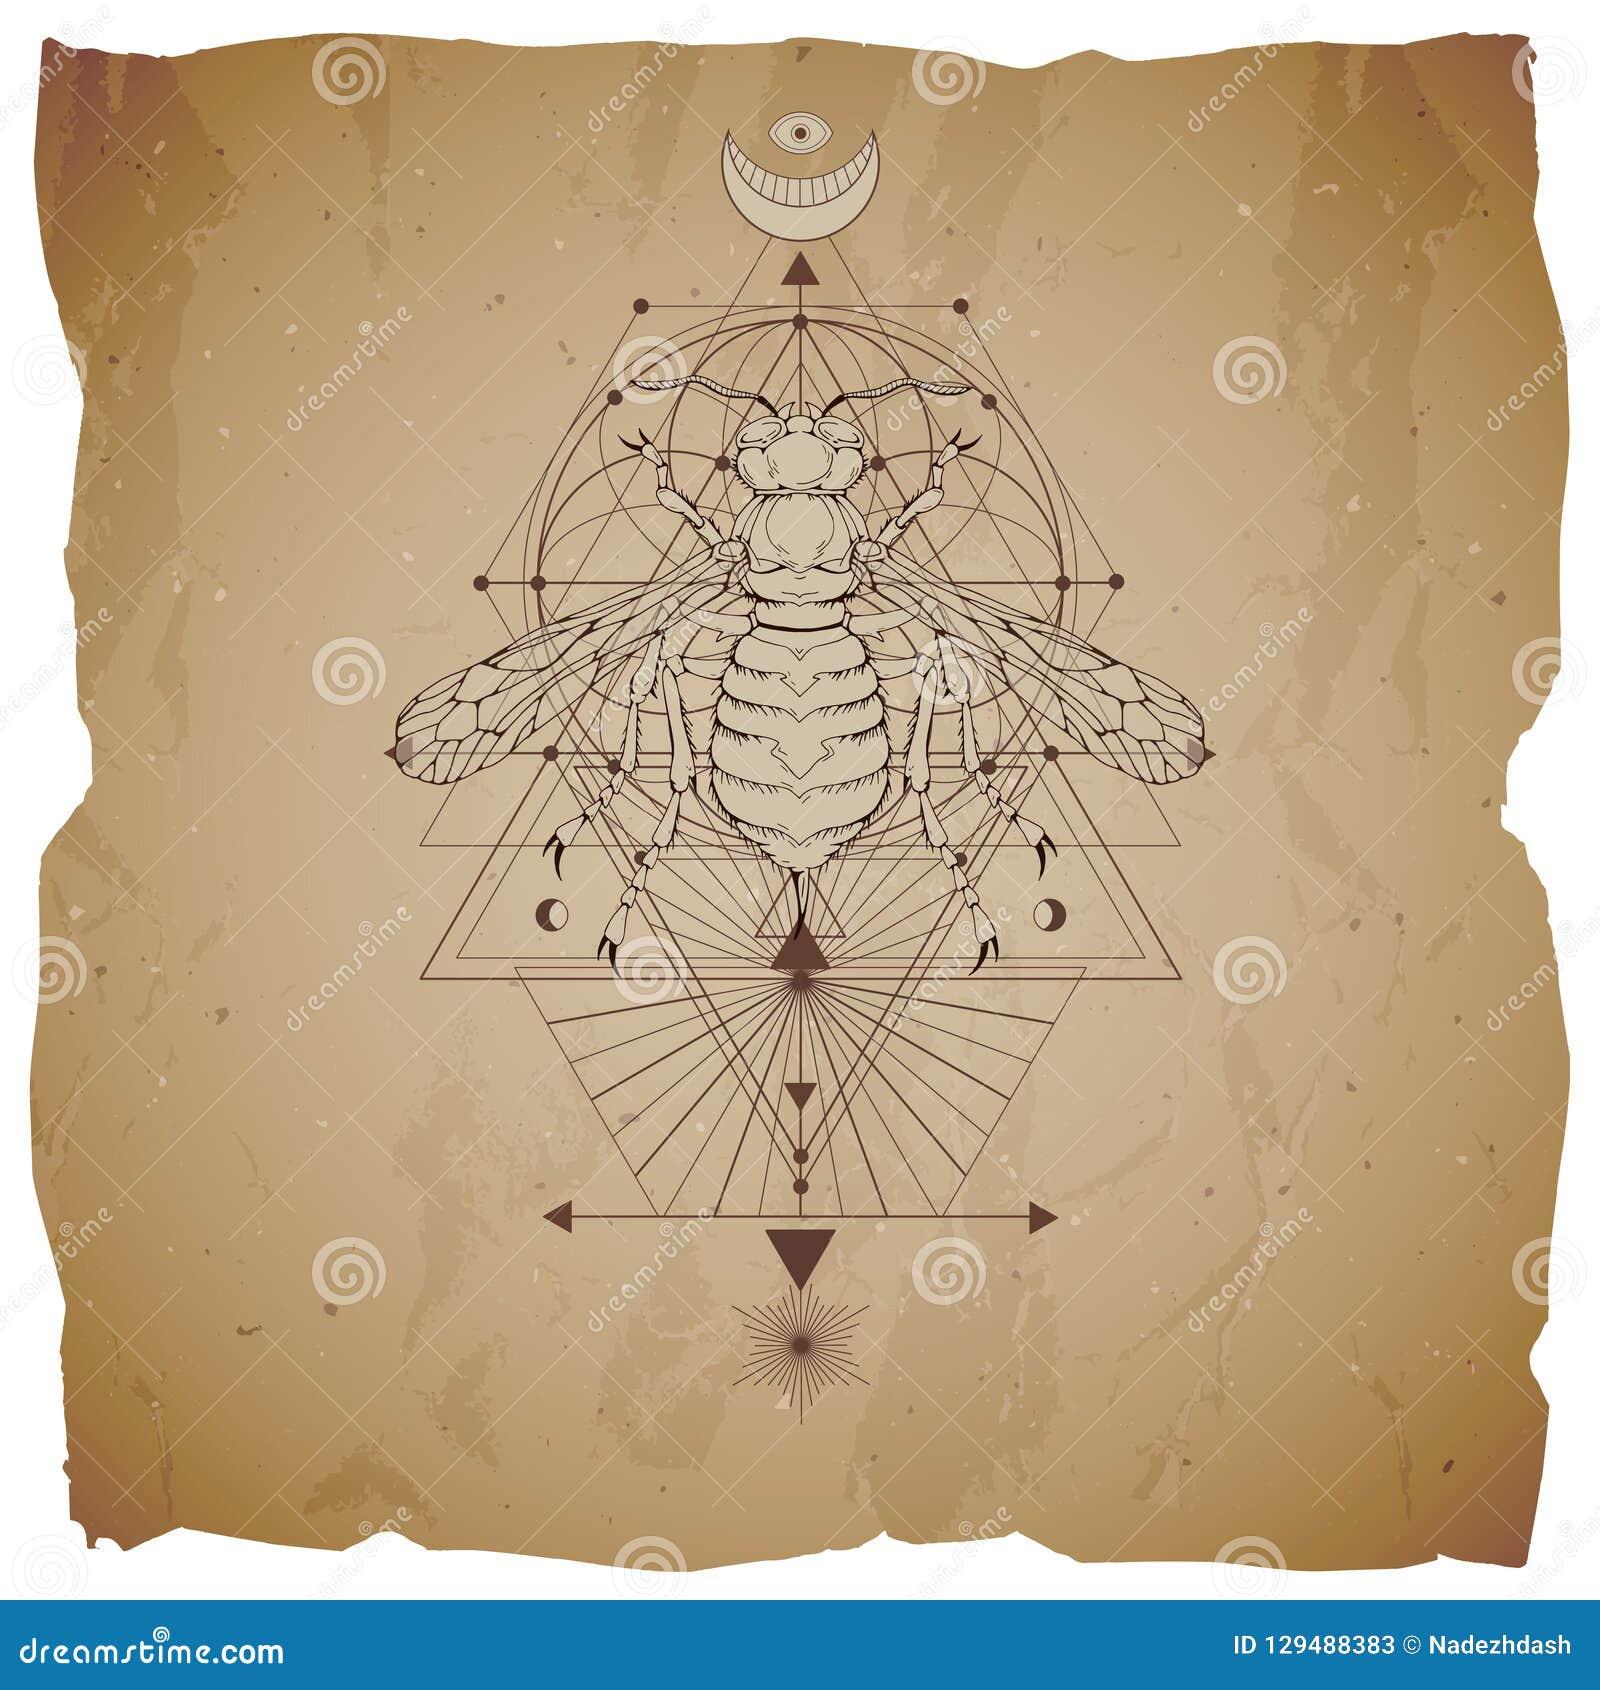 Vectorillustratie met hand getrokken wesp en Heilig geometrisch symbool op uitstekende document achtergrond met gescheurde randen